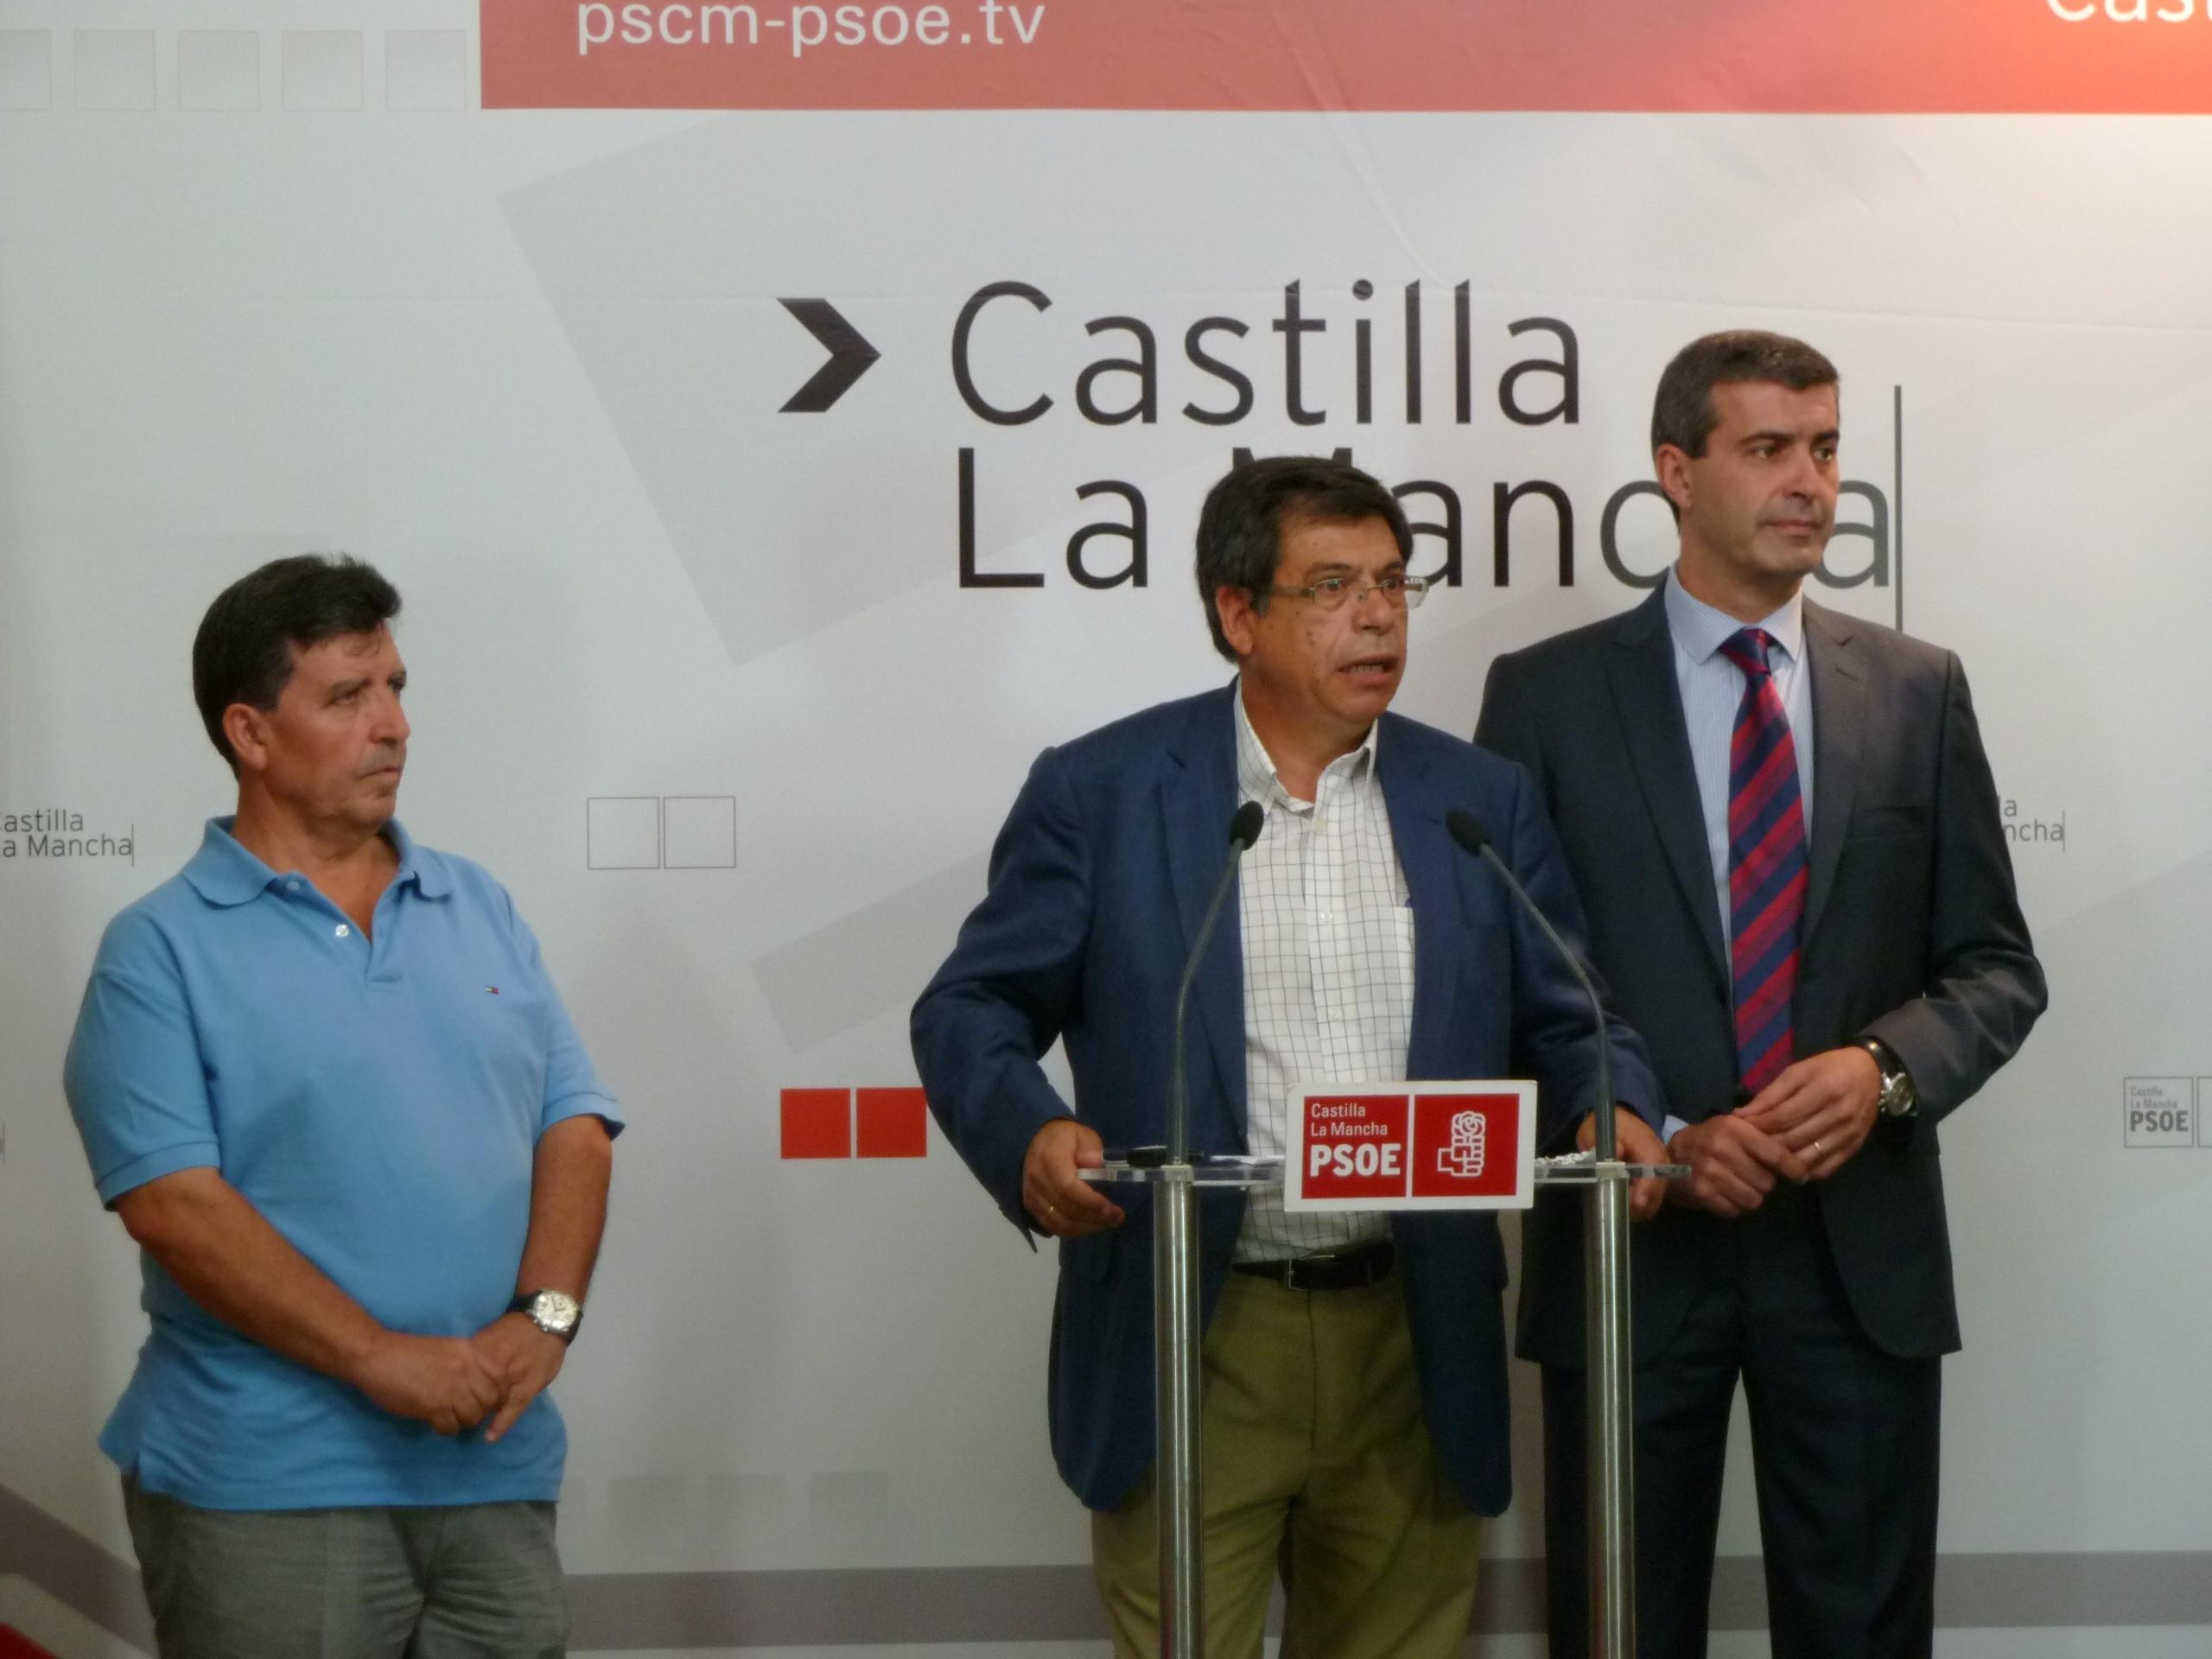 PSOE pide un aumento del caudal del Tajo a su paso por Toledo, Aranjuez y Talavera en sus alegaciones al plan